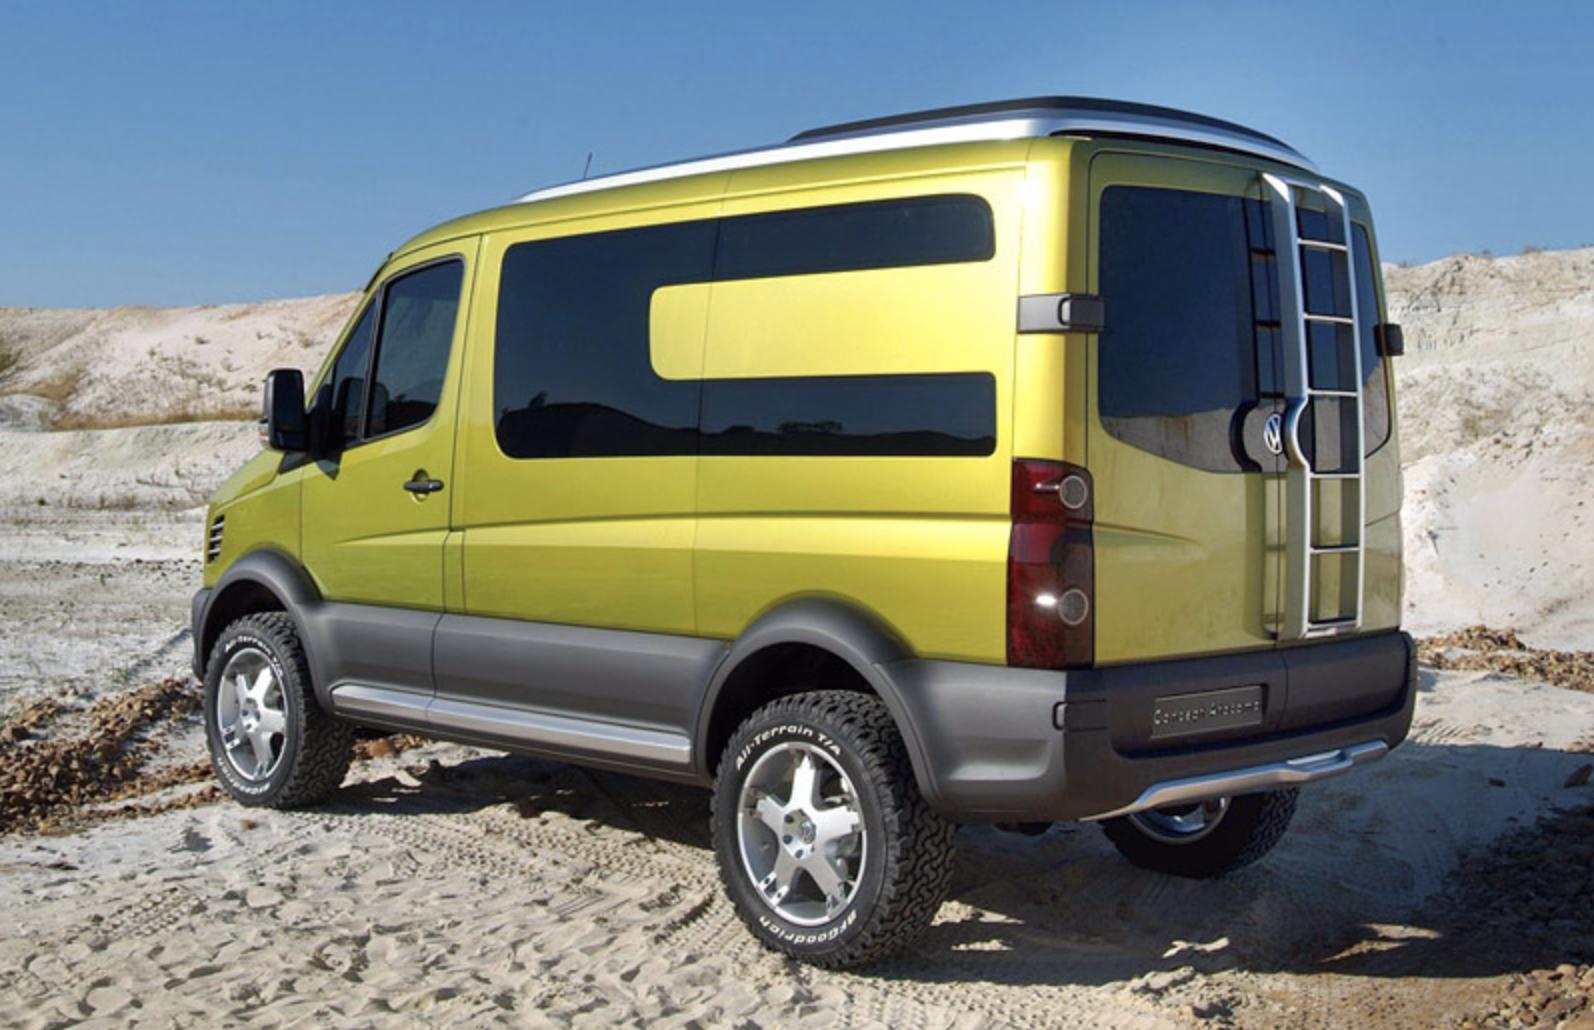 Best Camper Vans - VW Crafter Atacama